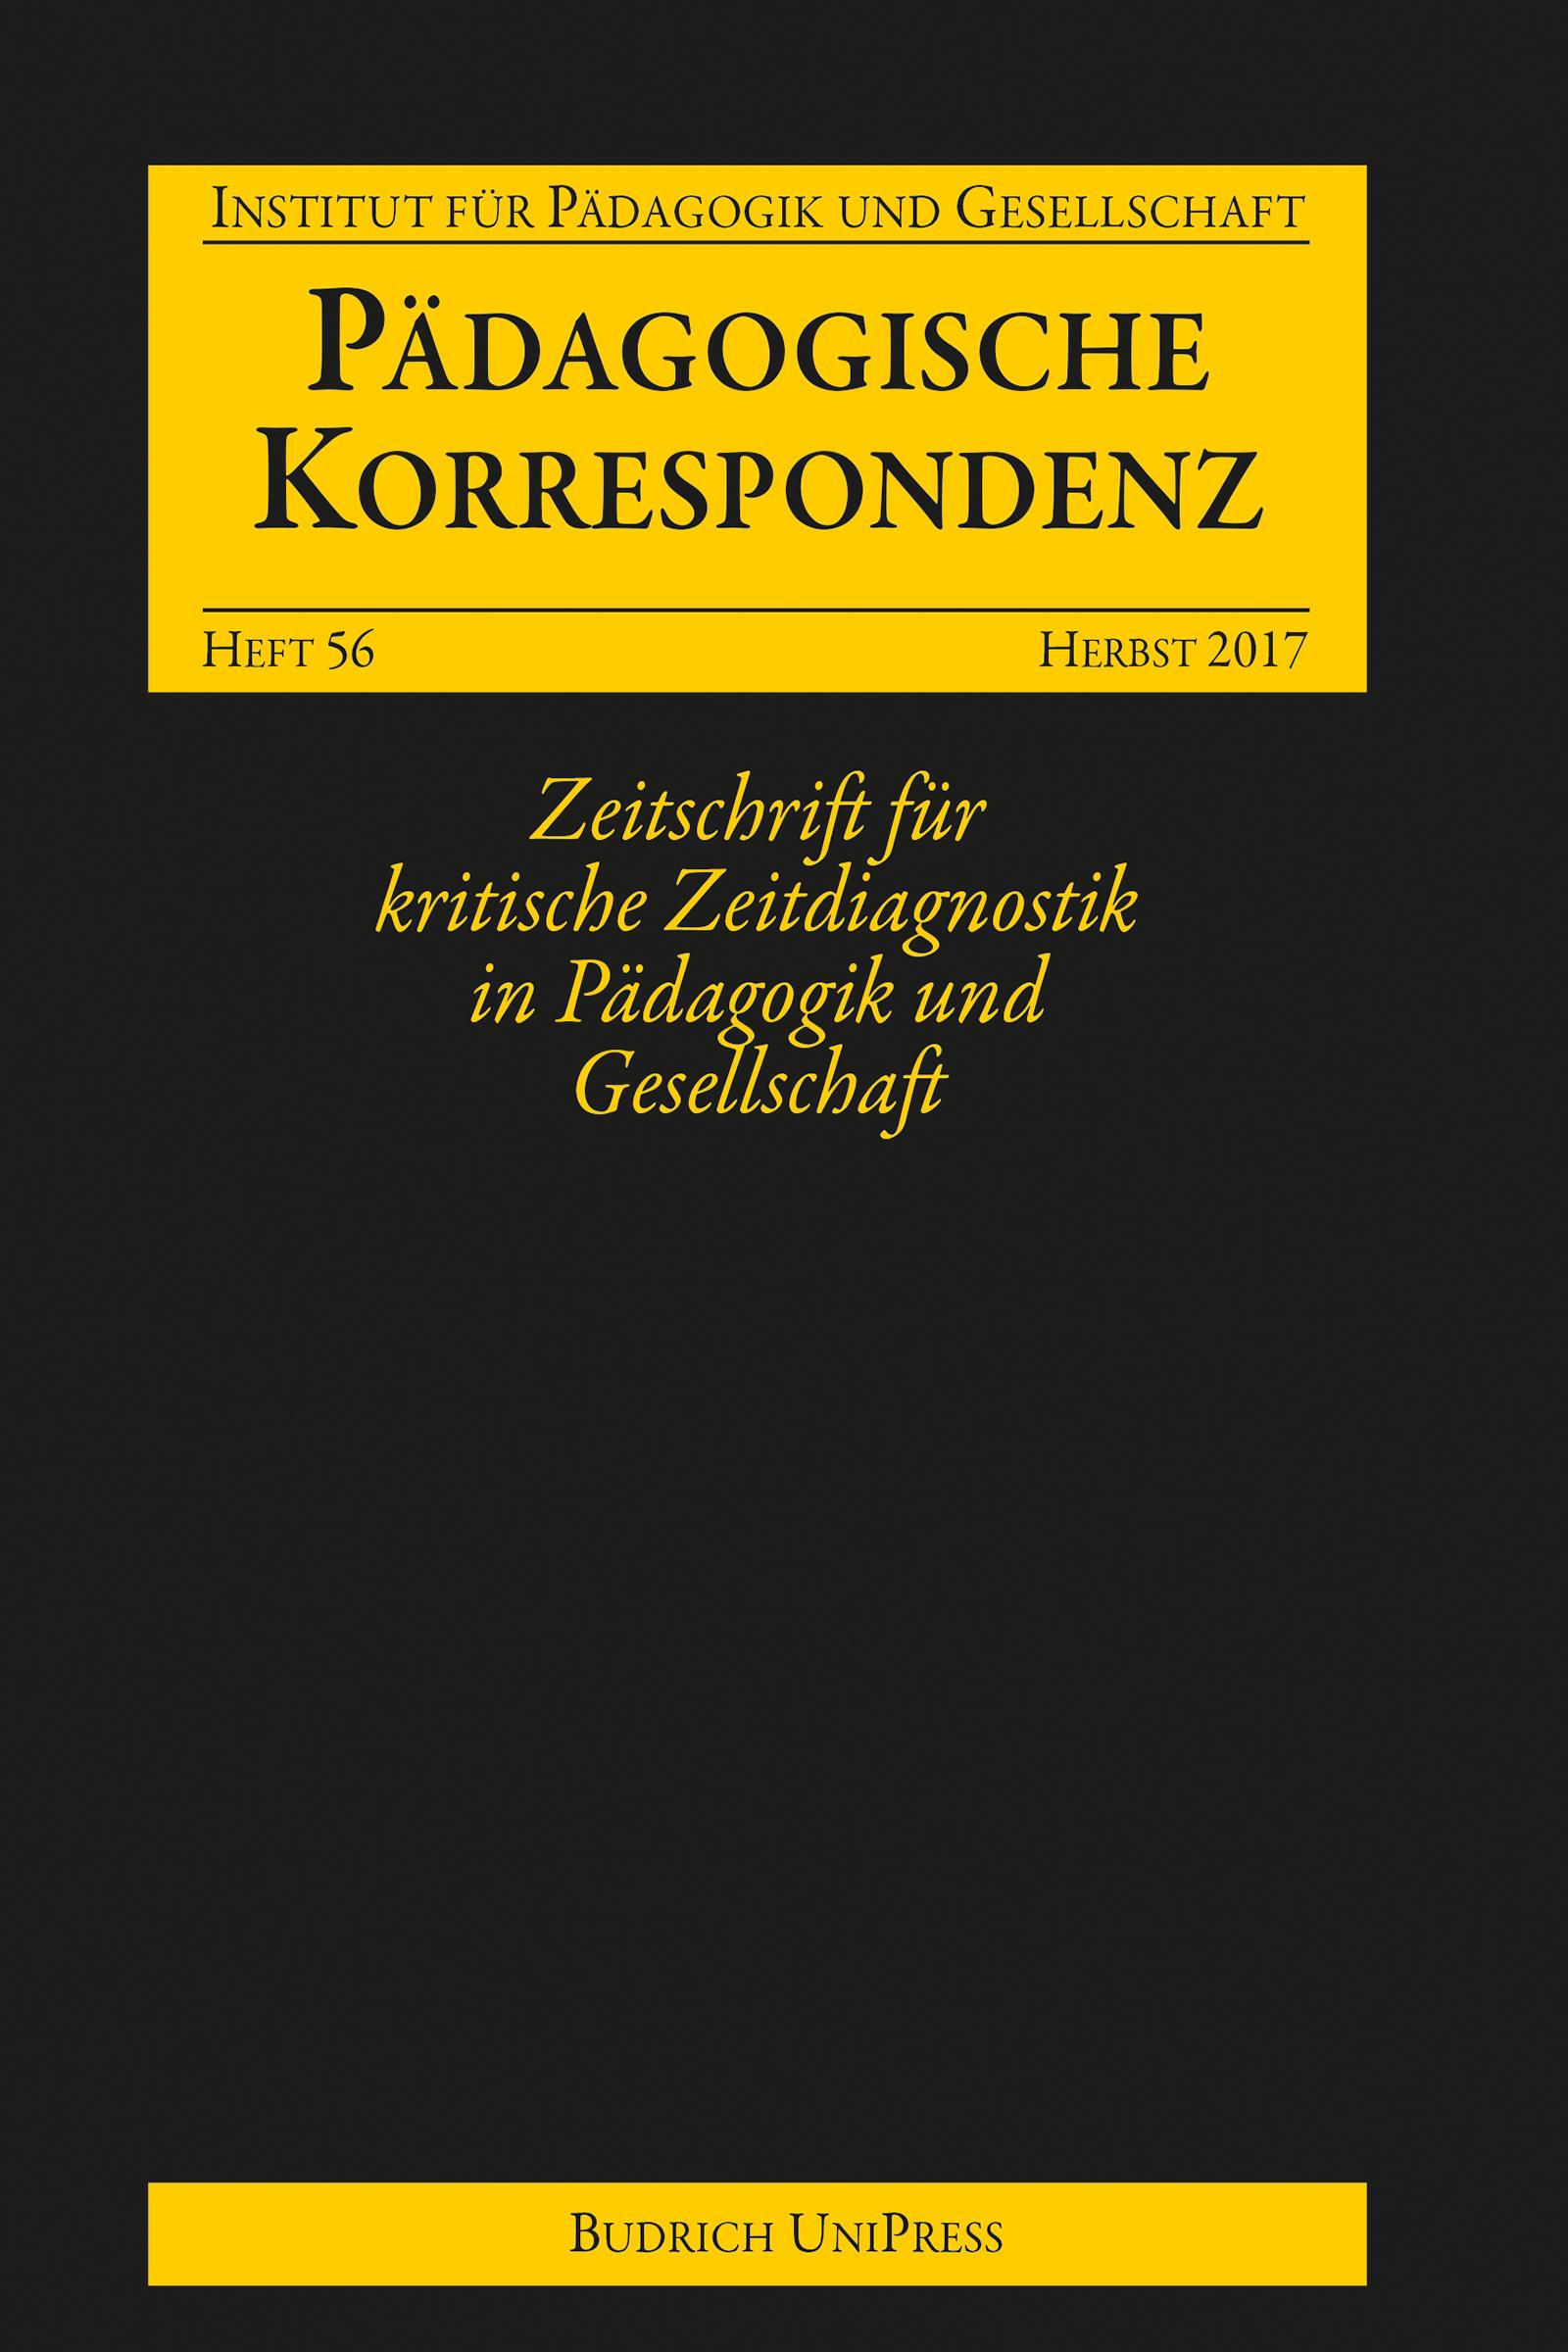 Pädagogische Korrespondenz 56 (2-2017)